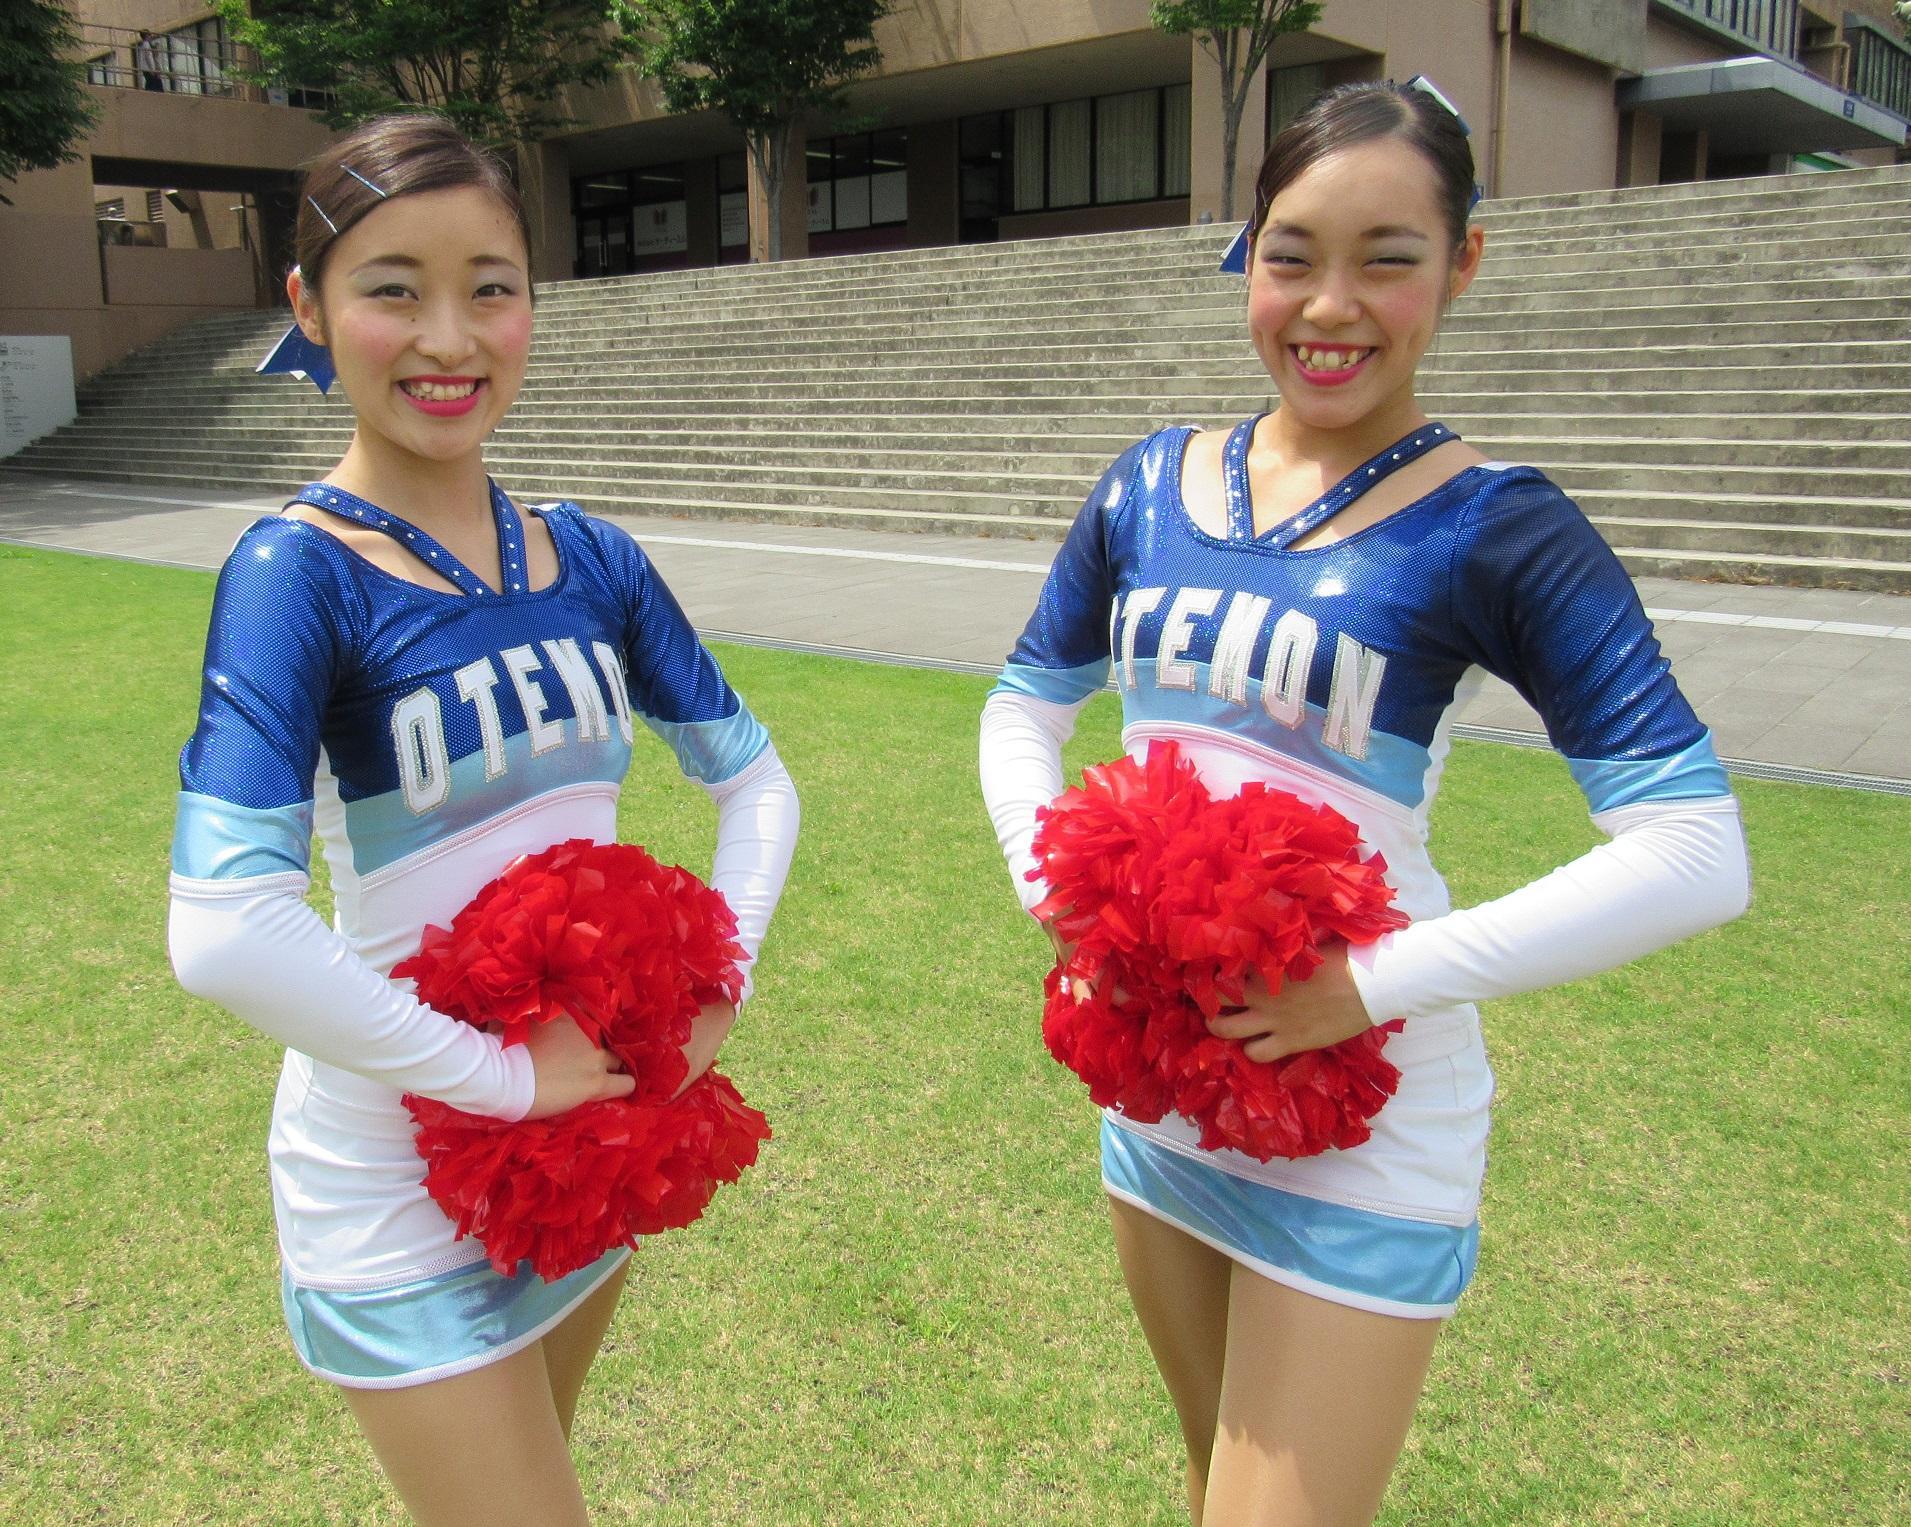 追手門学院大学応援団チアリーダー部のチアダンスペアが日本代表に内定 -- 10月のFISU世界大学選手権に出場